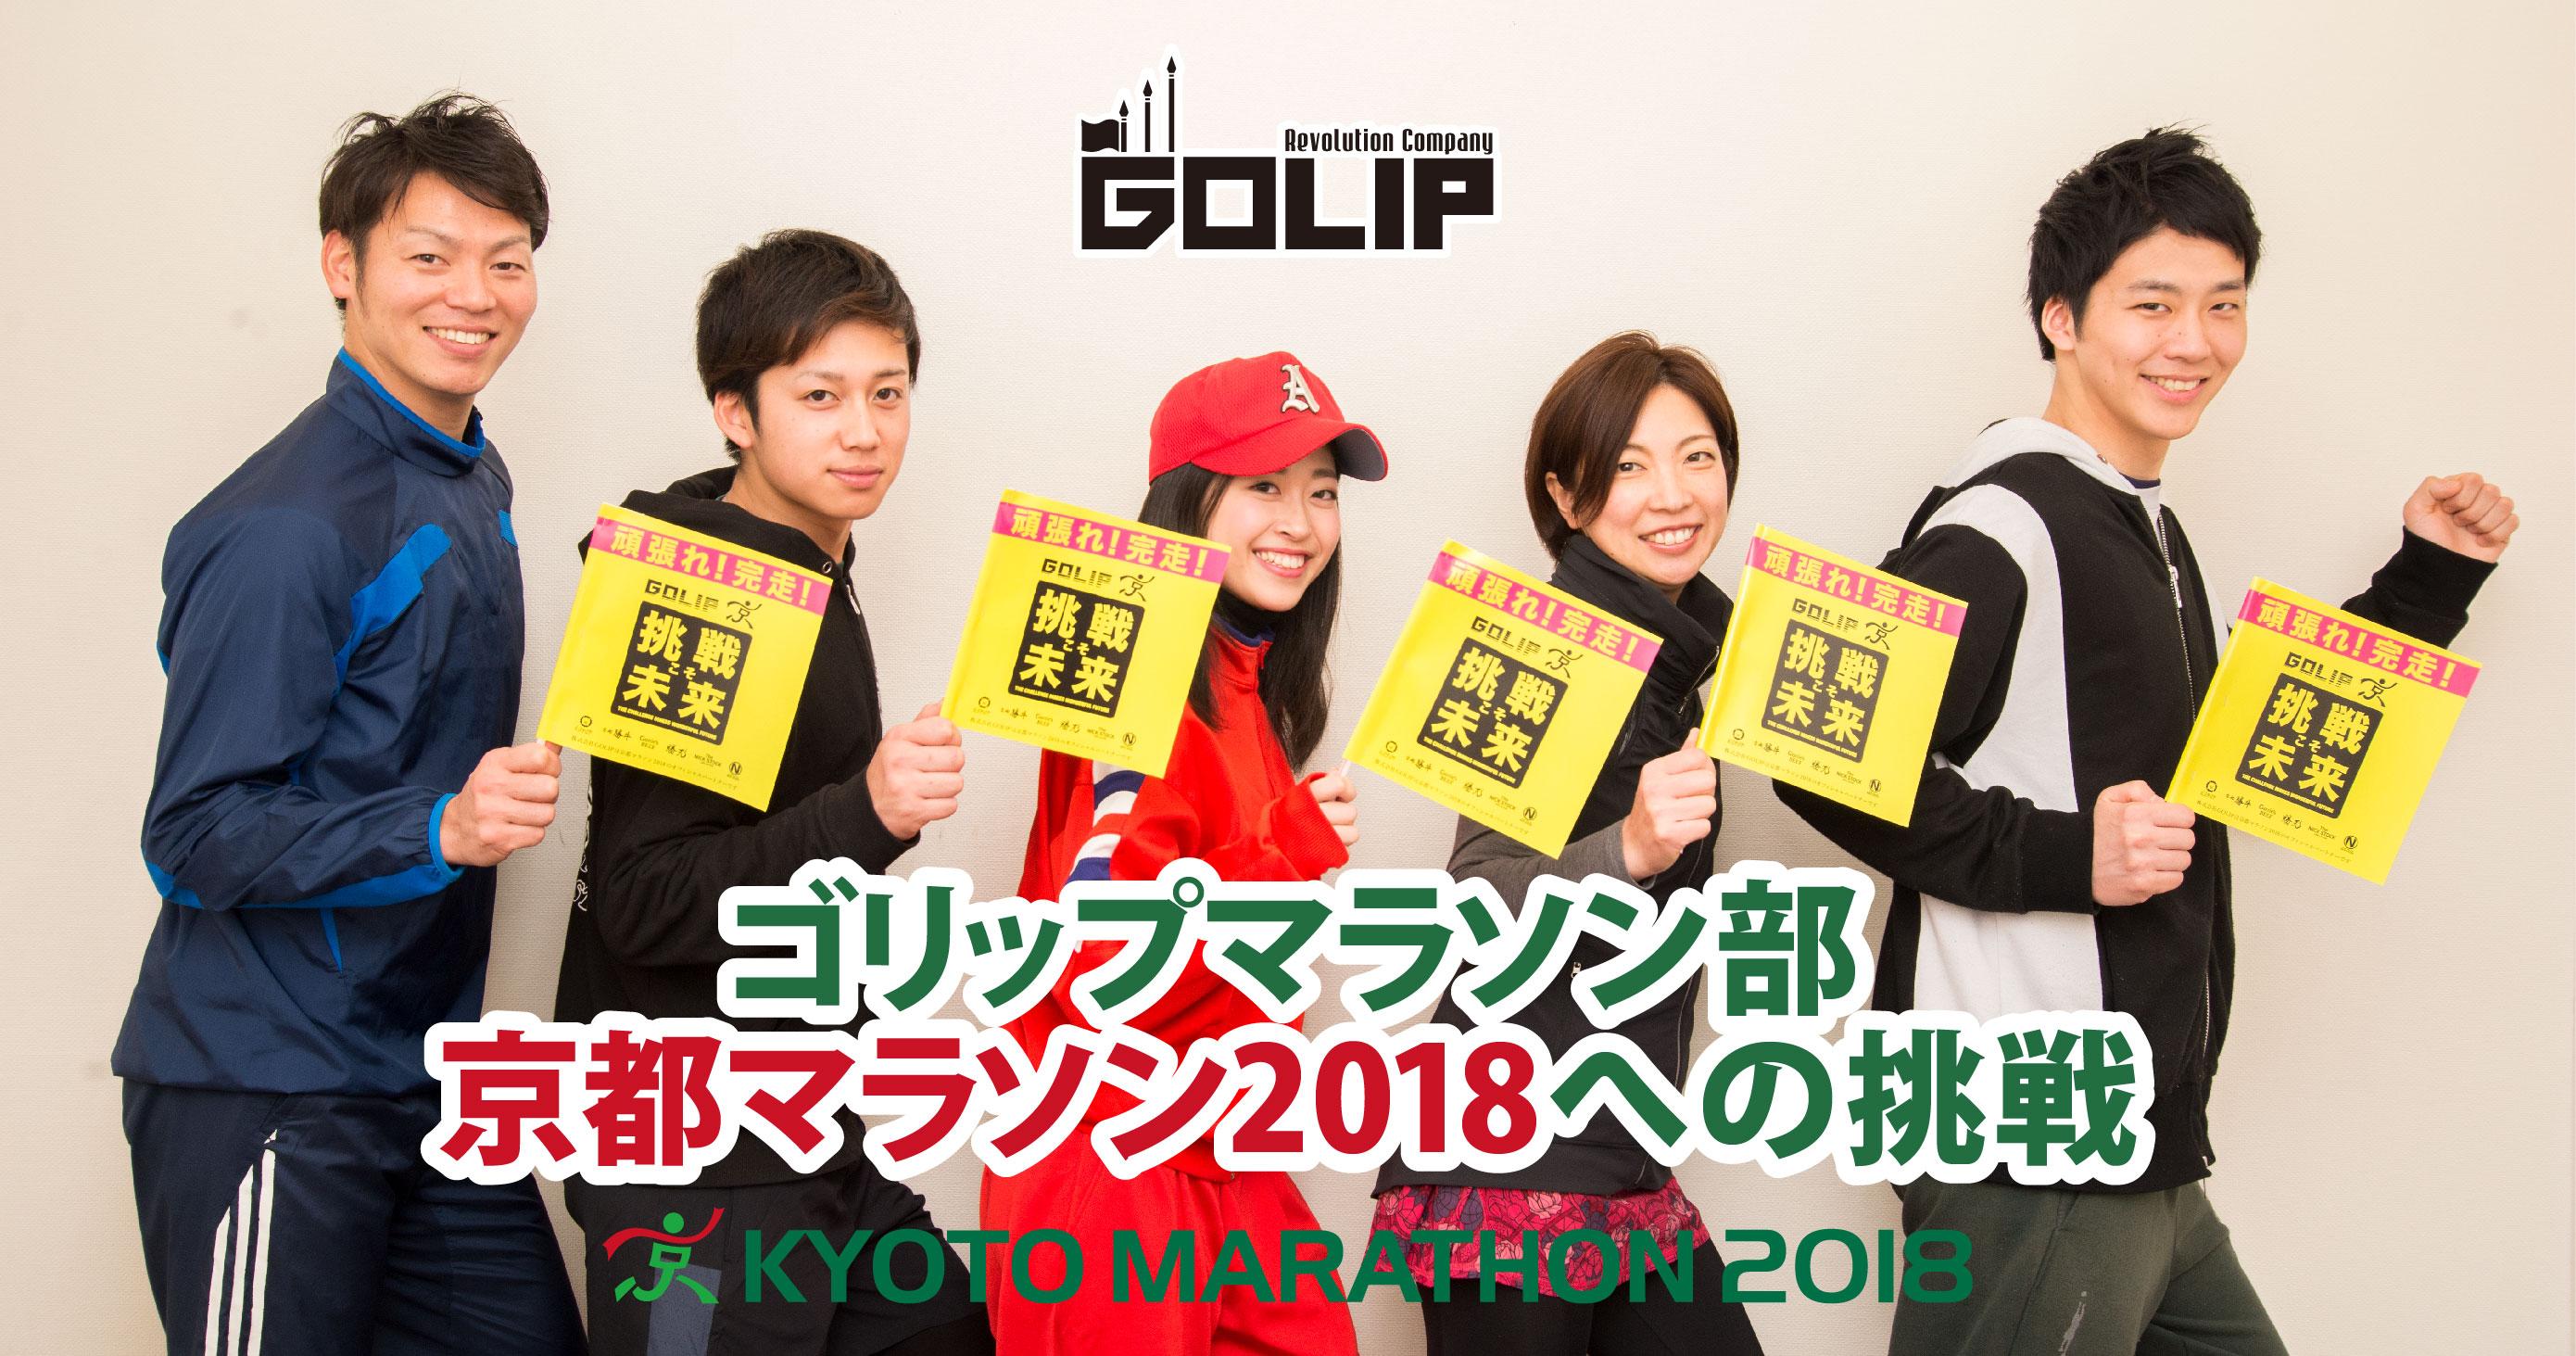 京都マラソンWEB連載キービジュアル06